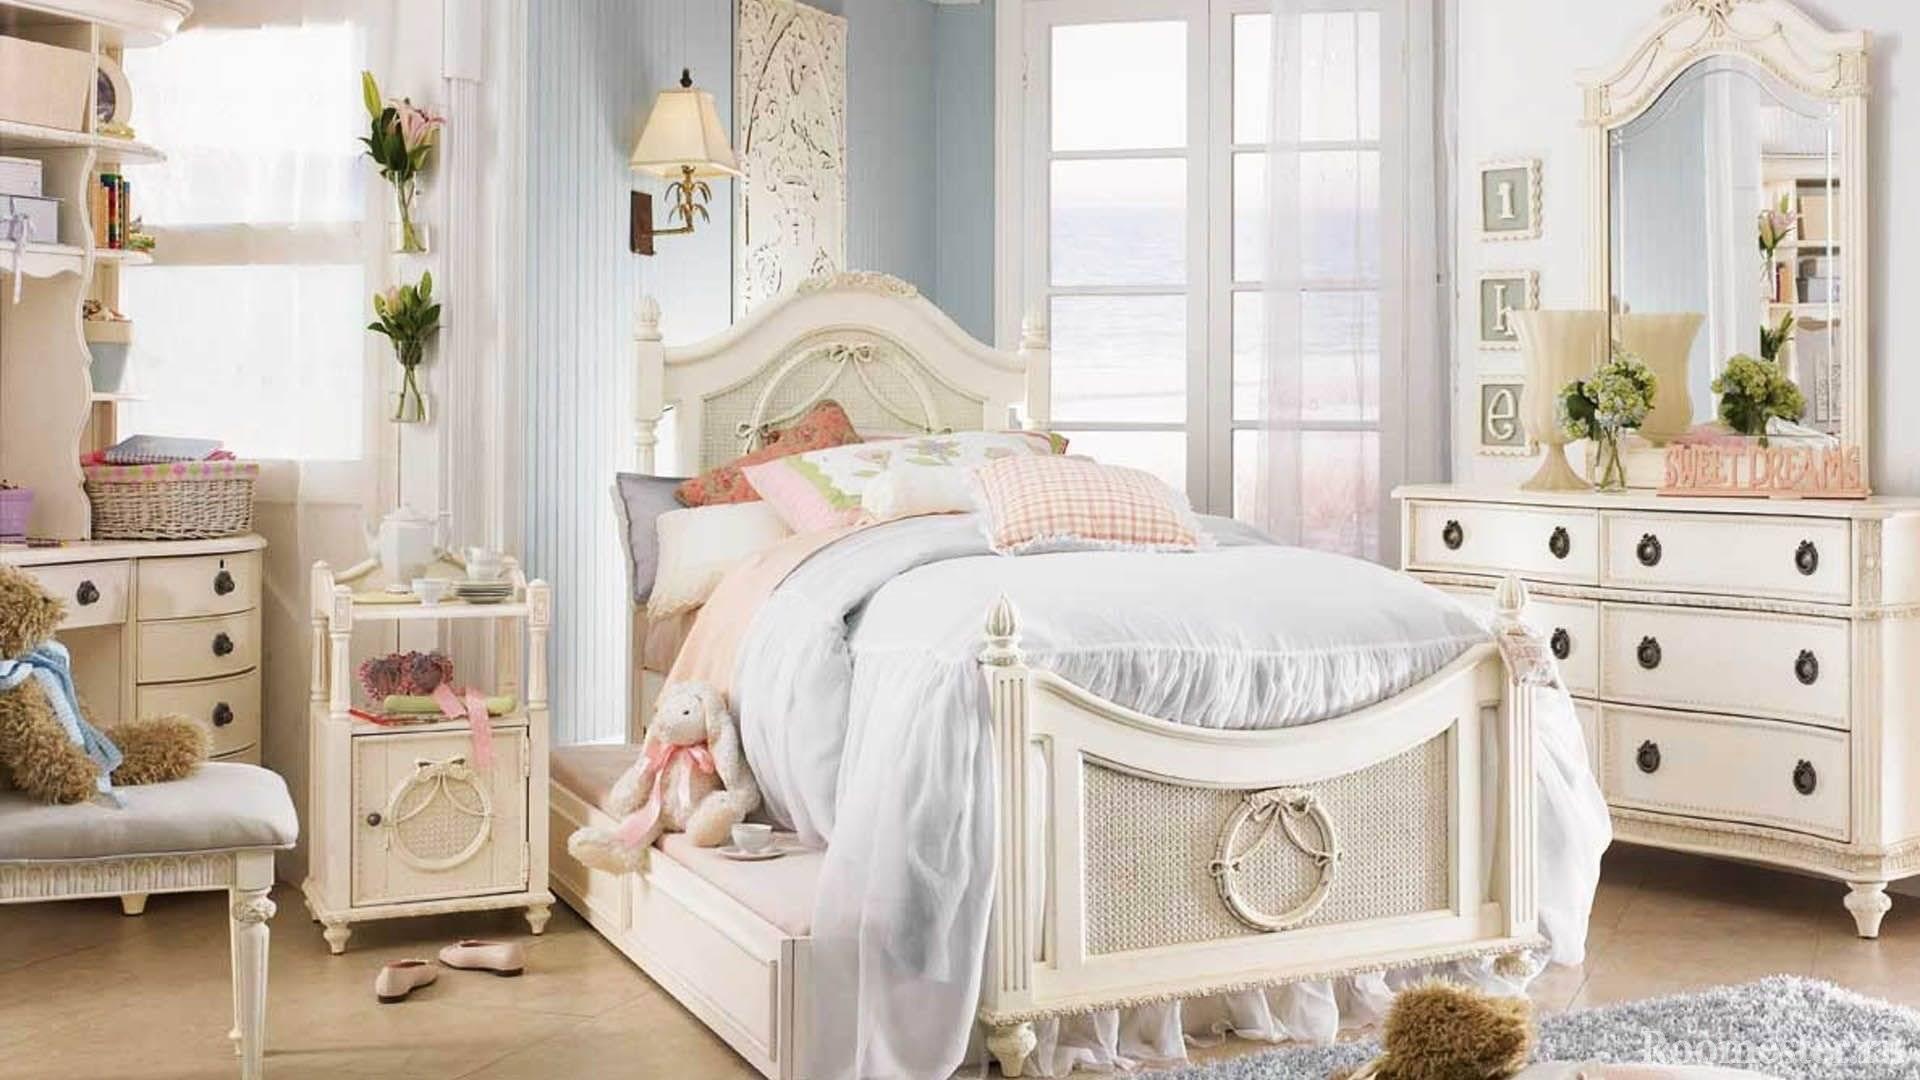 Детская в стиле прованс для девочки или мальчика: интерьер комнаты для девушки и парня подростка